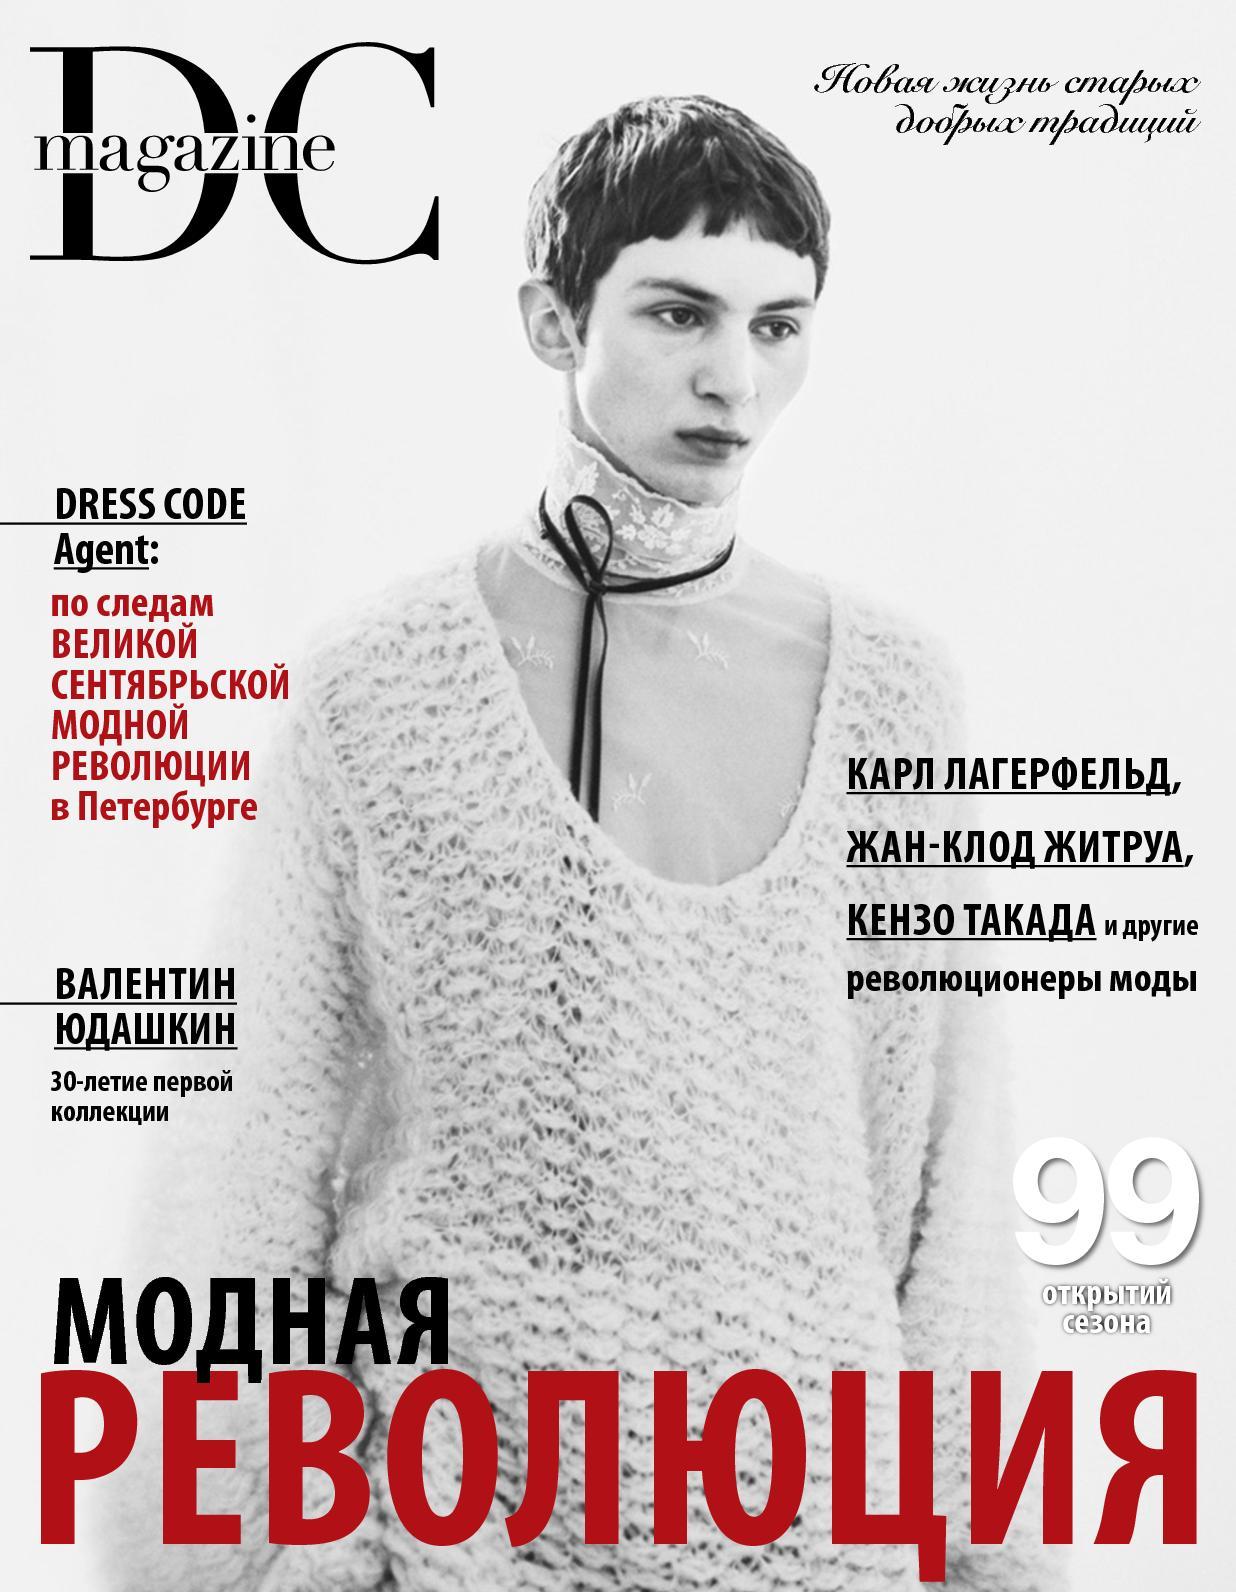 Ирина Леонова Примеряет Одежду – Мечтать Не Вредно (2005)